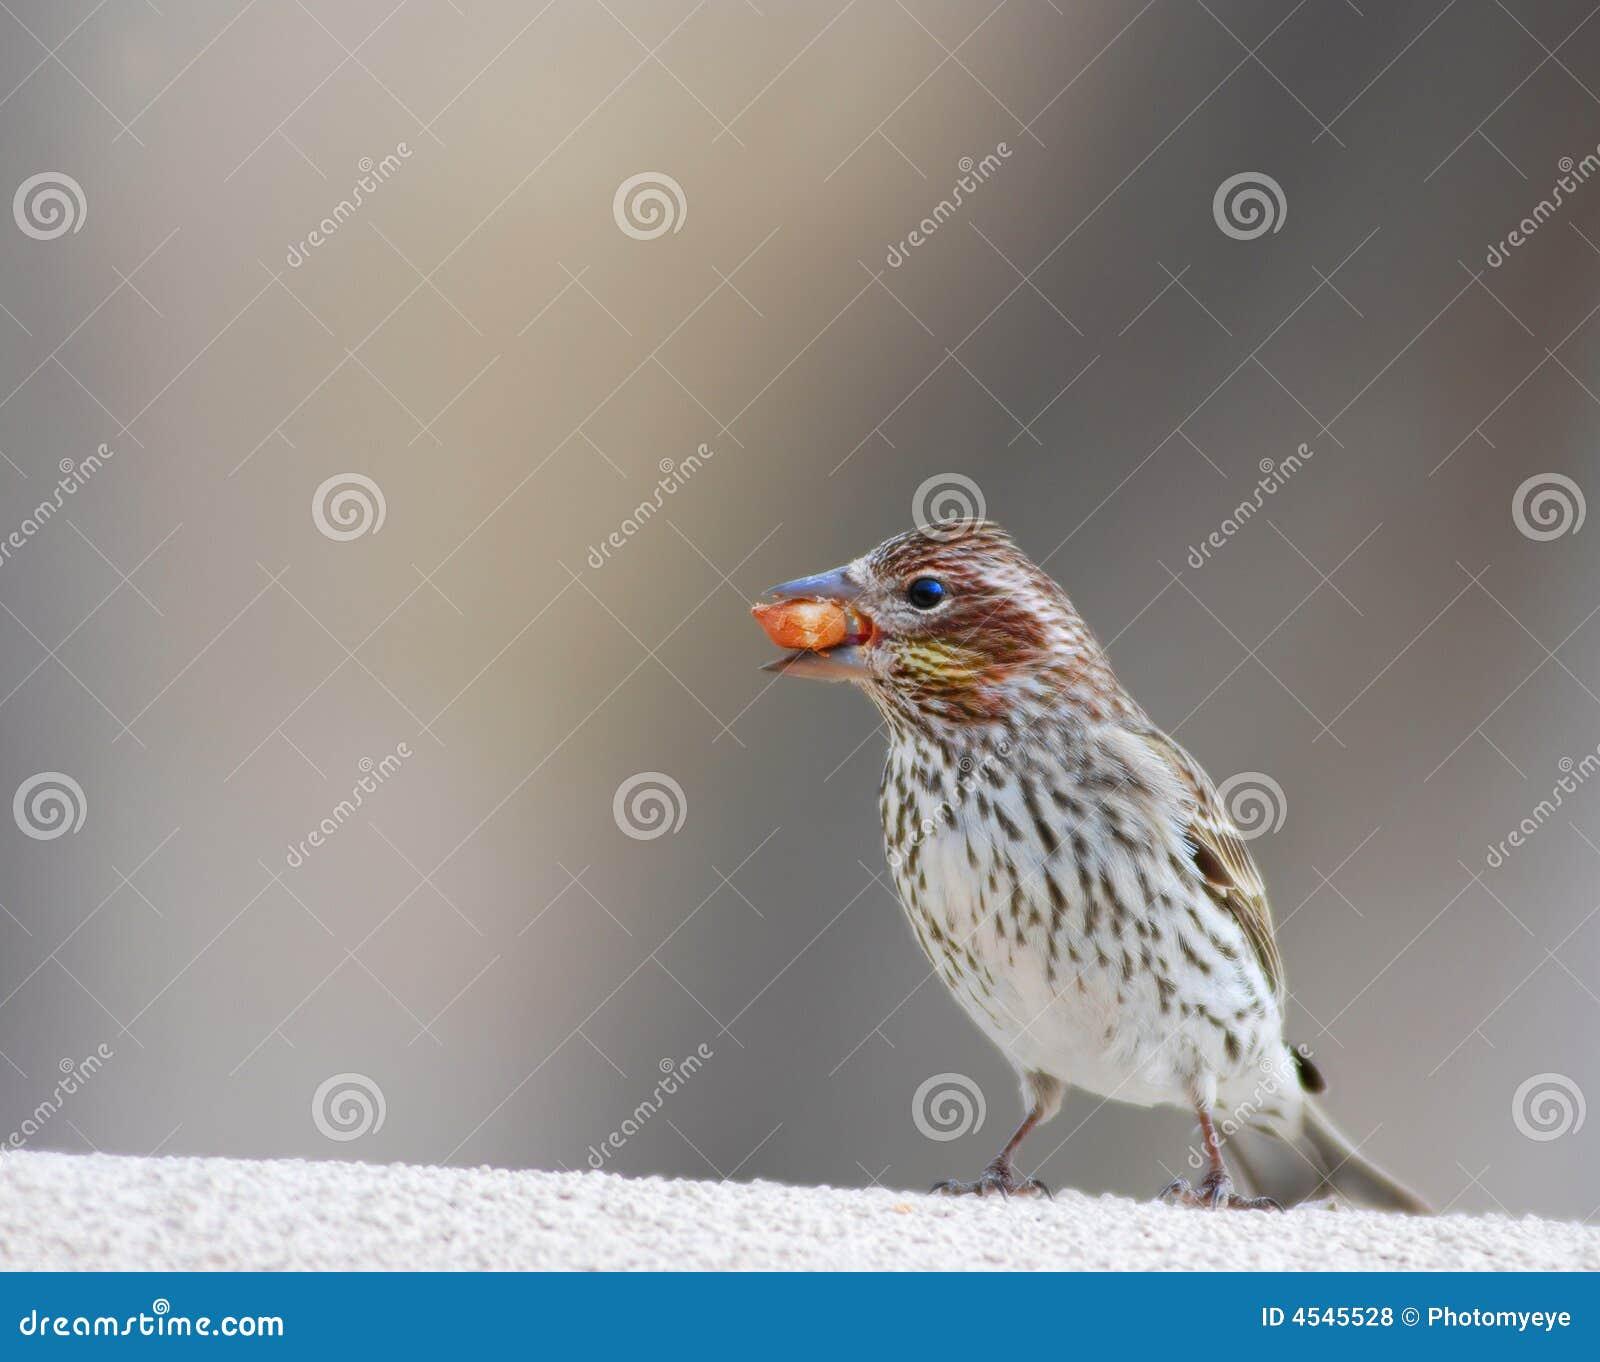 Oiseau avec la graine dans la bouche photo stock image - Graine de piment oiseau ...